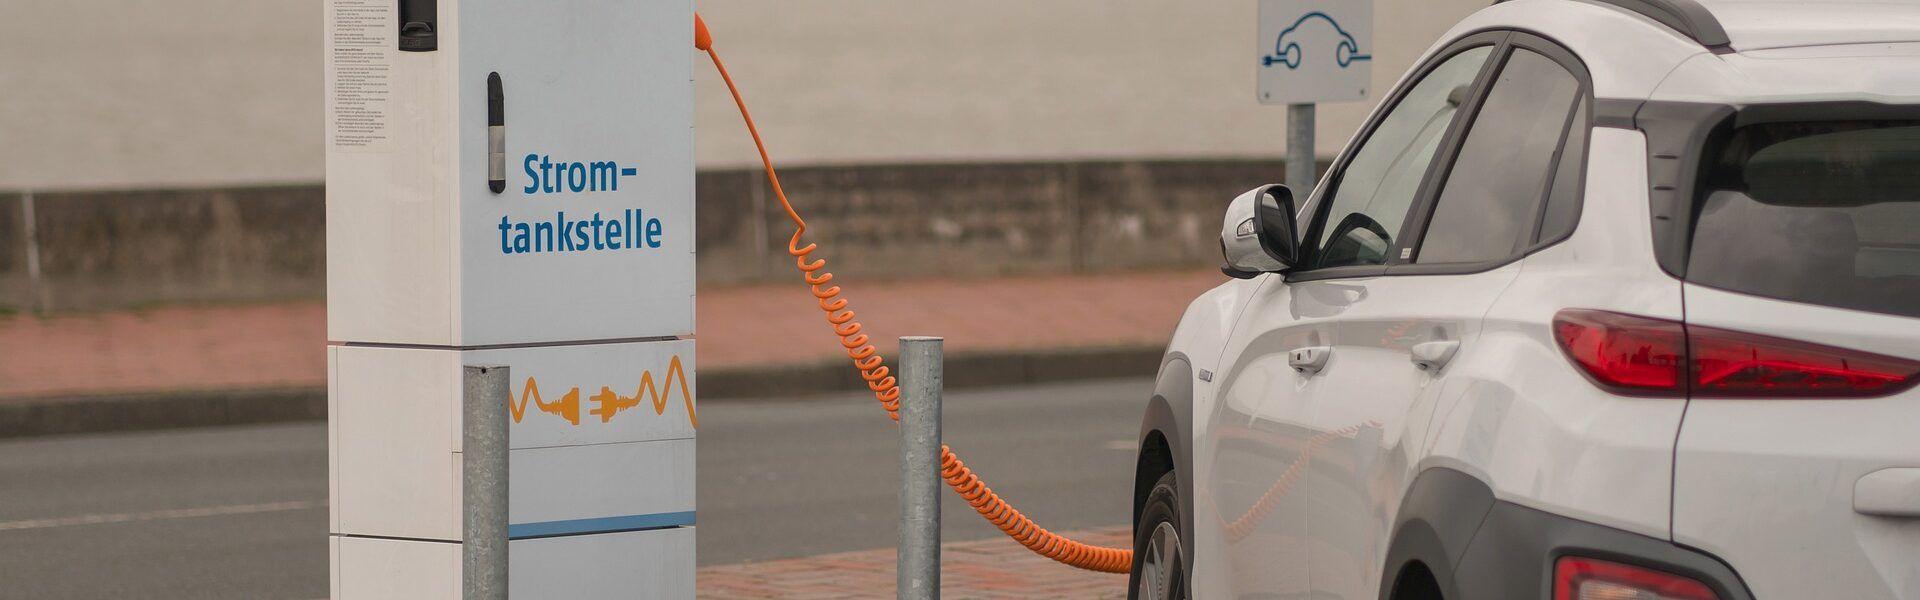 Ventajas e inconvenientes de los coches eléctricos